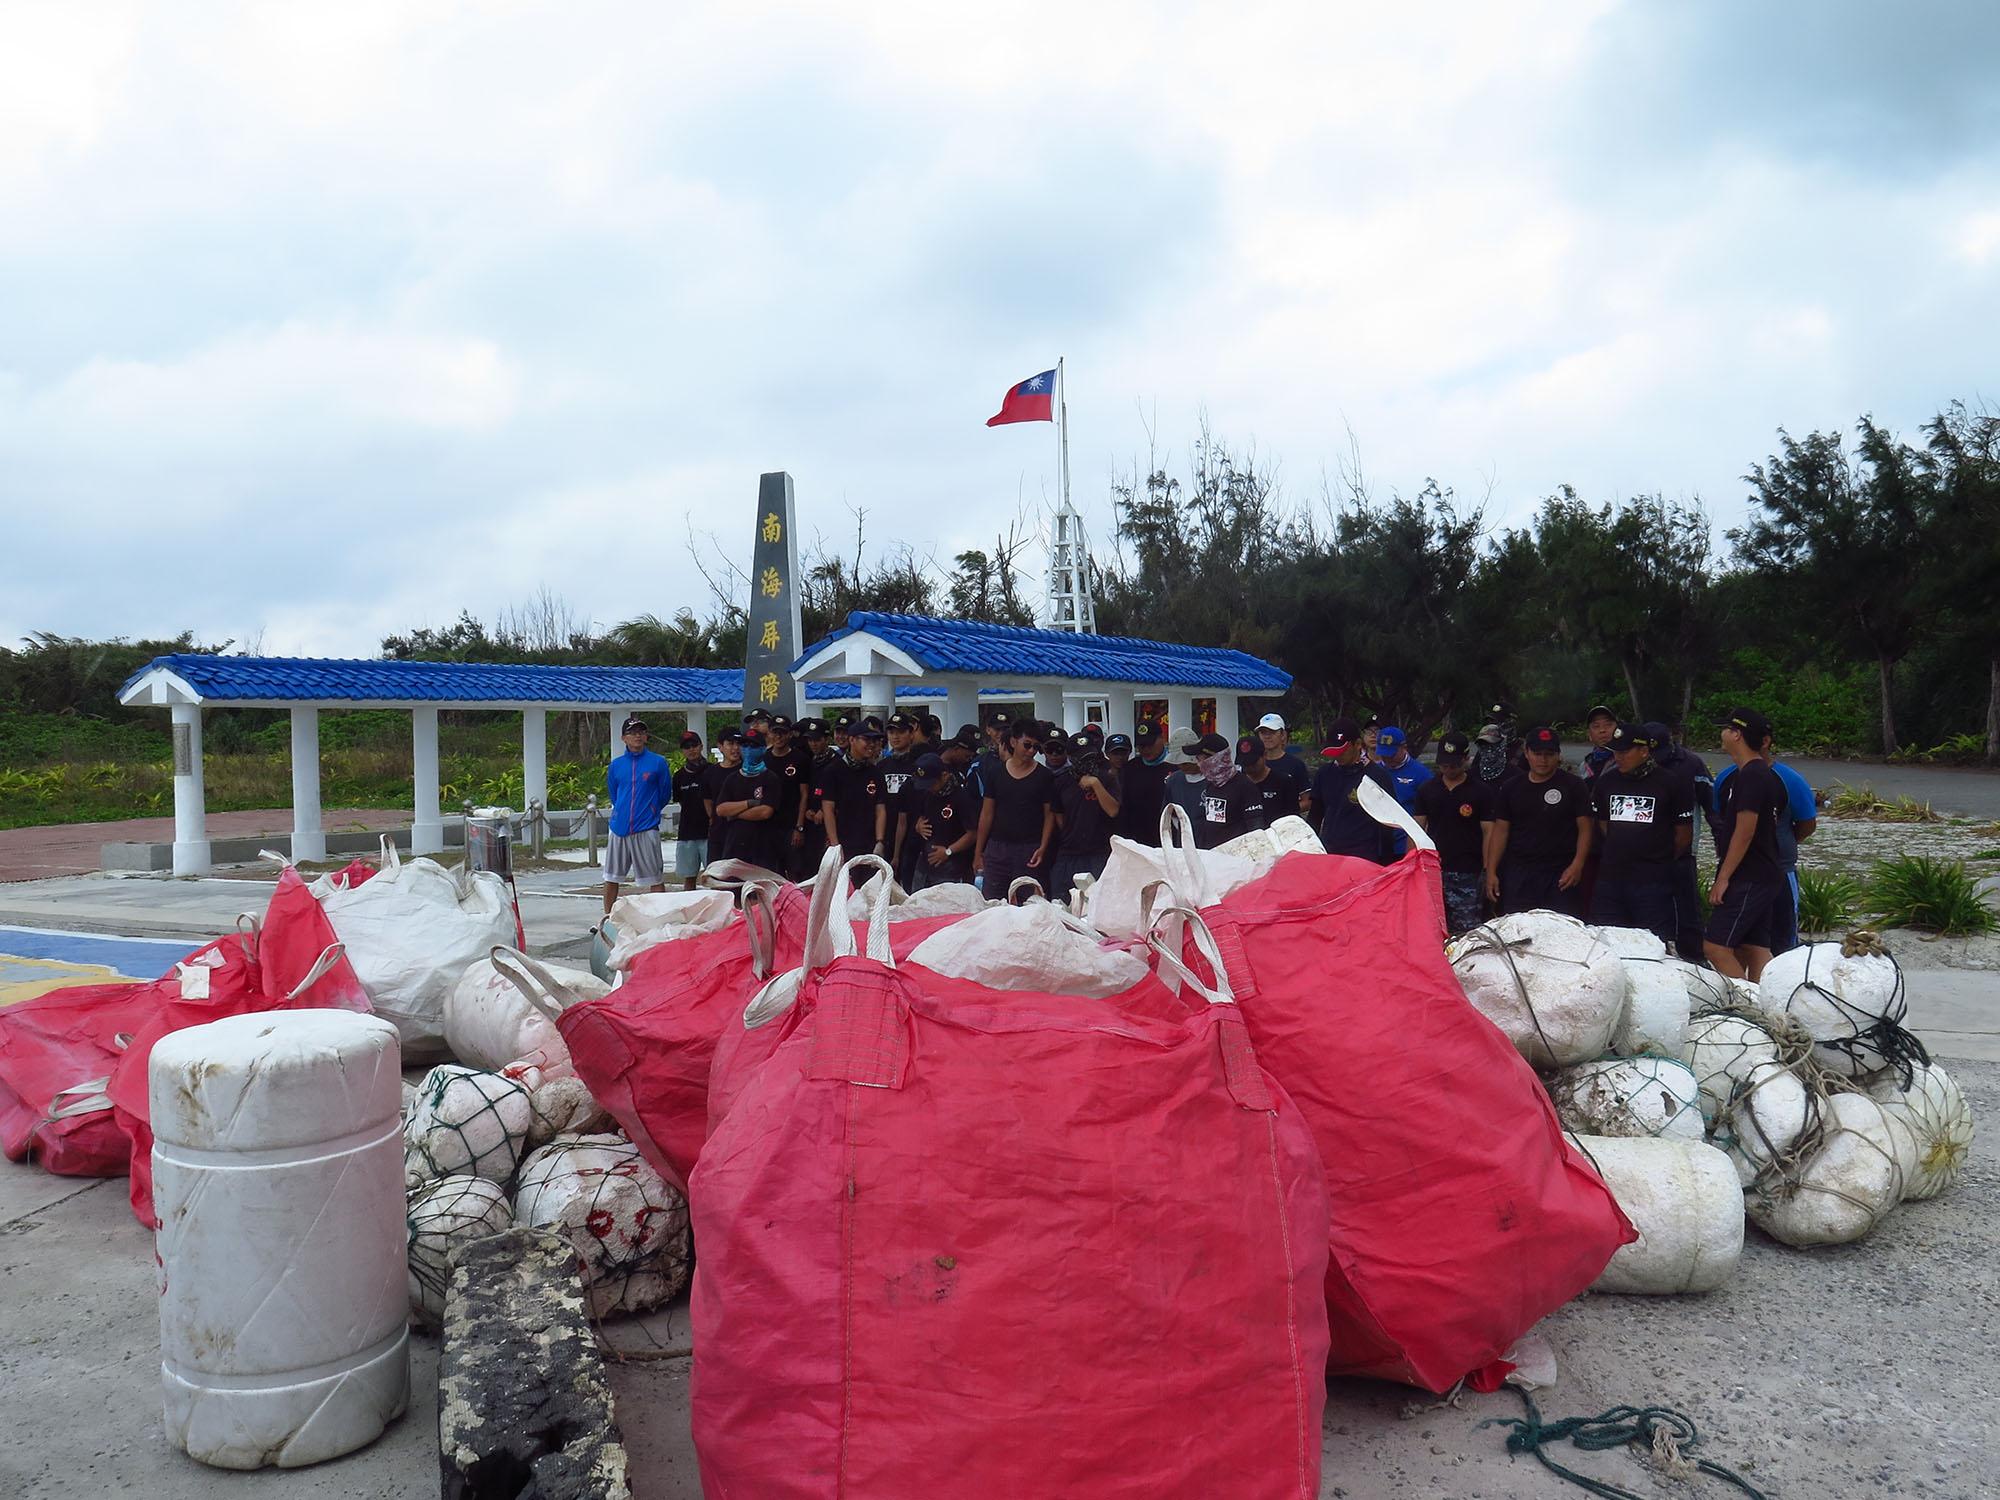 為了瞭解海漂垃圾從哪裡來,海洋國家公園管理處同仁、上島研究團隊與海巡署士兵協助調查海漂垃圾,分析裡面的組成物,鑑定後發現多半來自中國或東南亞國家。圖│鄭明修